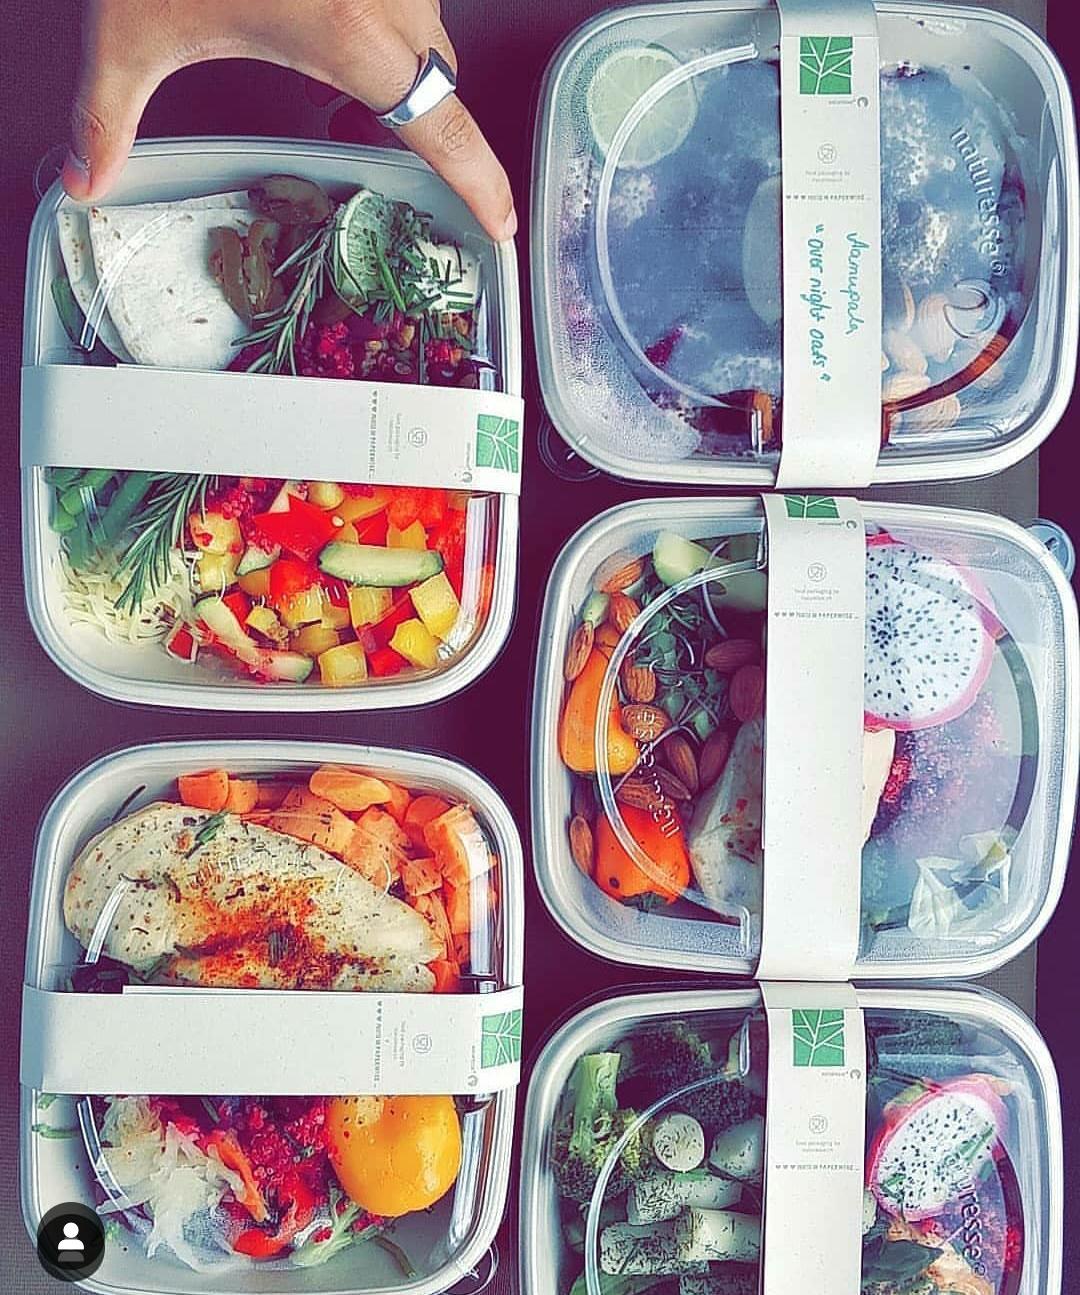 18 Meals custom made